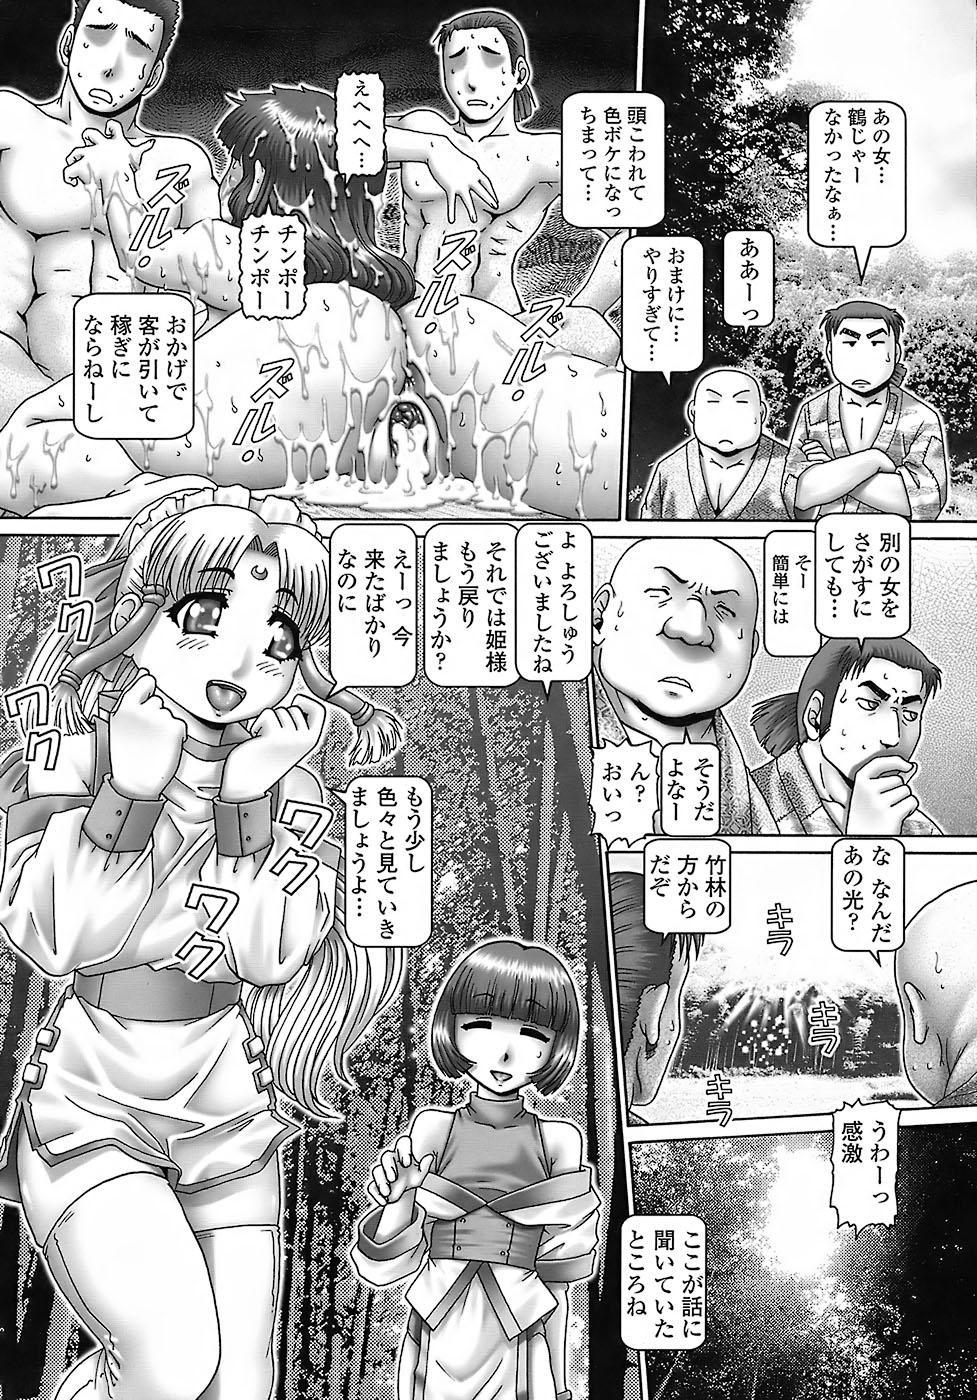 Tenshi no Shizuku 166